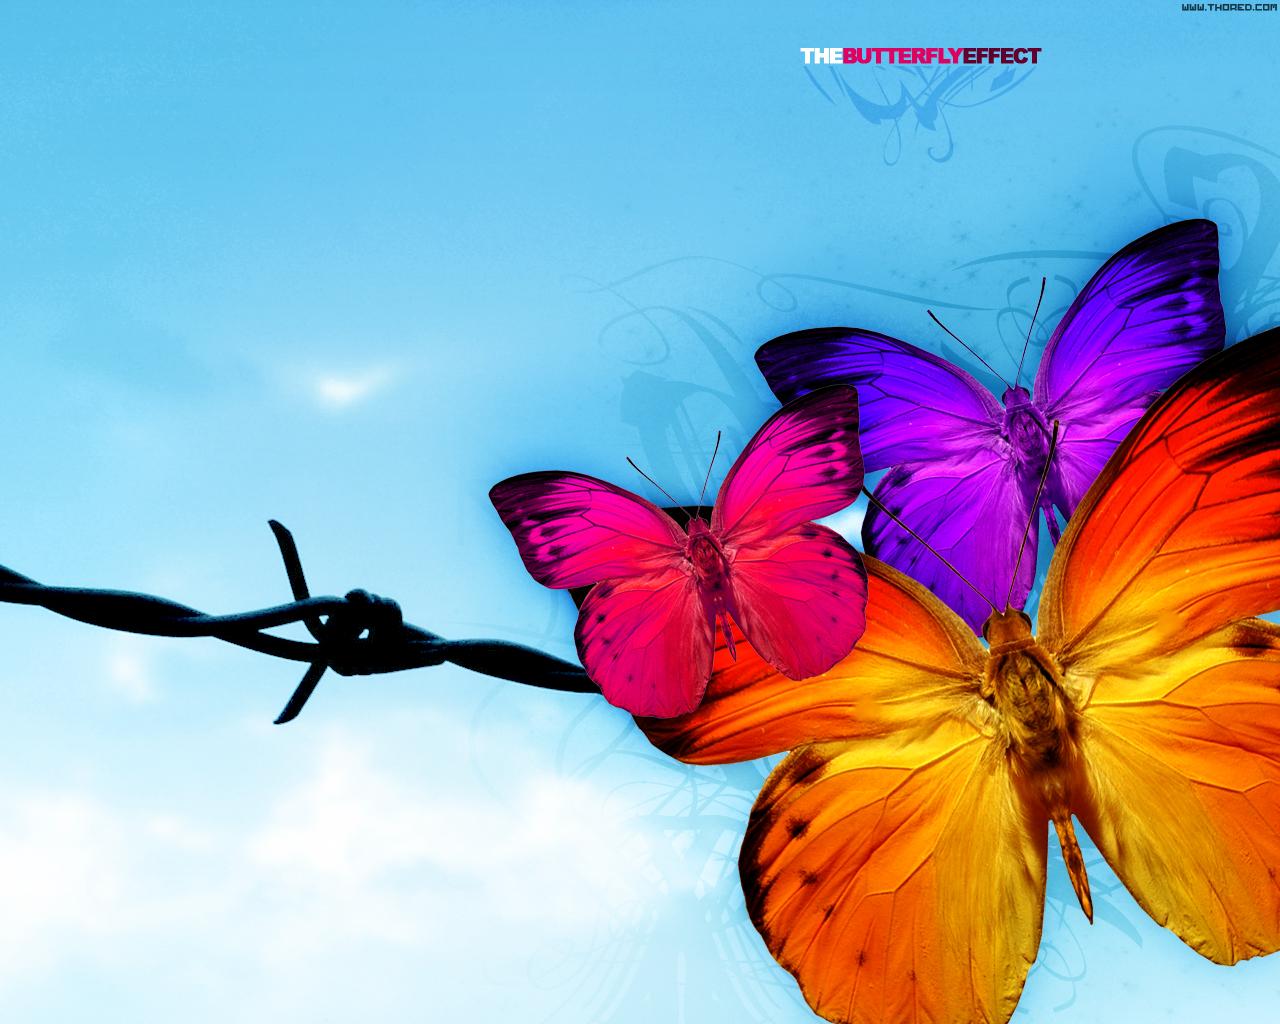 Butterflies in my